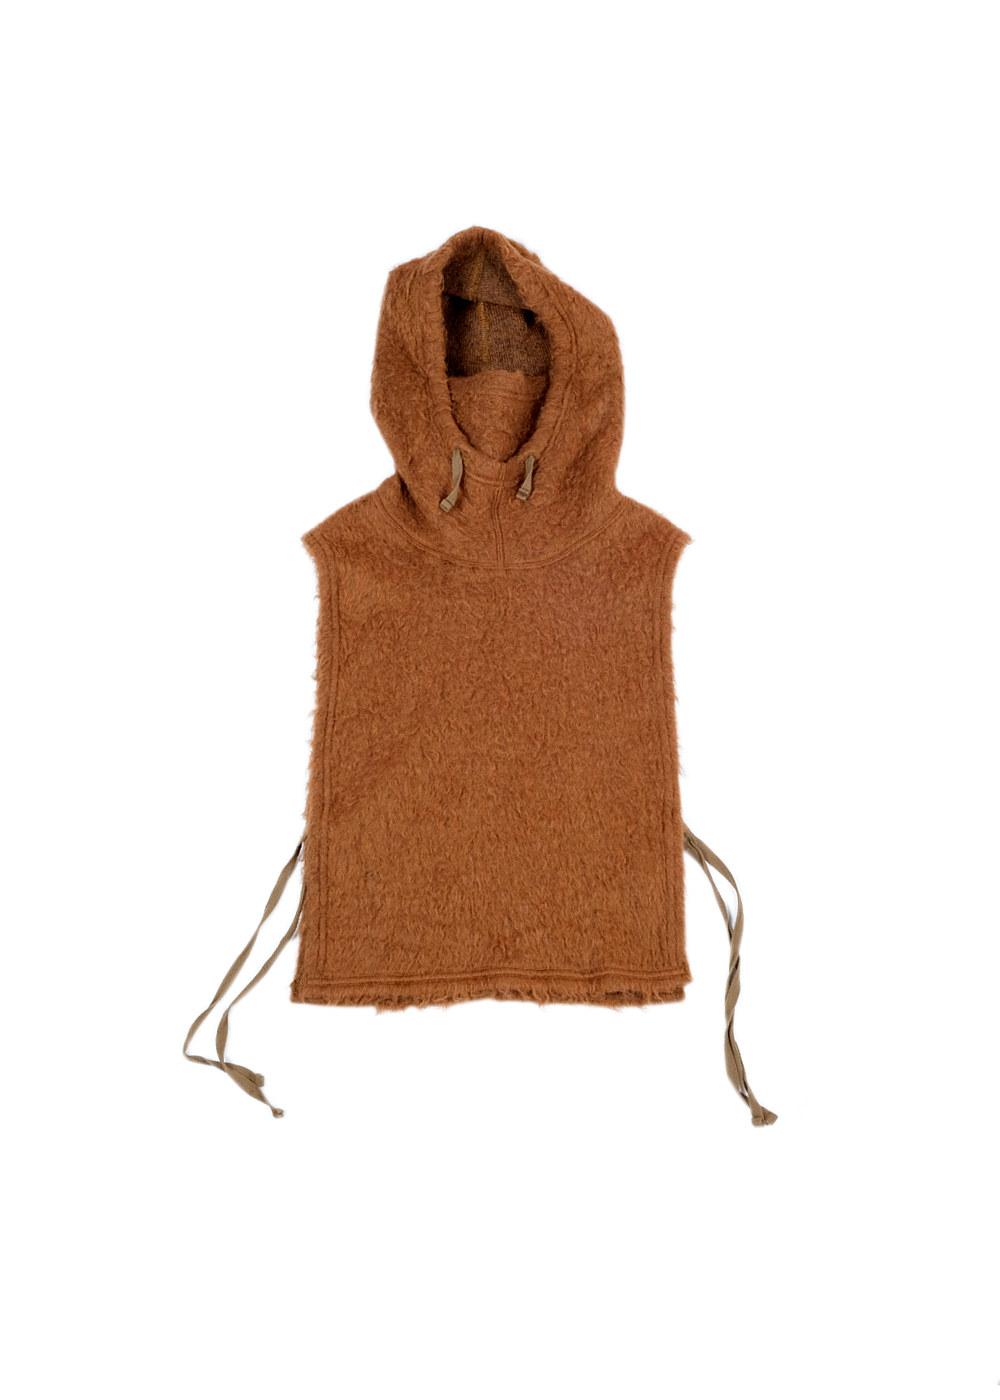 Engineered-Garments-Hooded-Interliner-Brown-Solid-Mohair-01